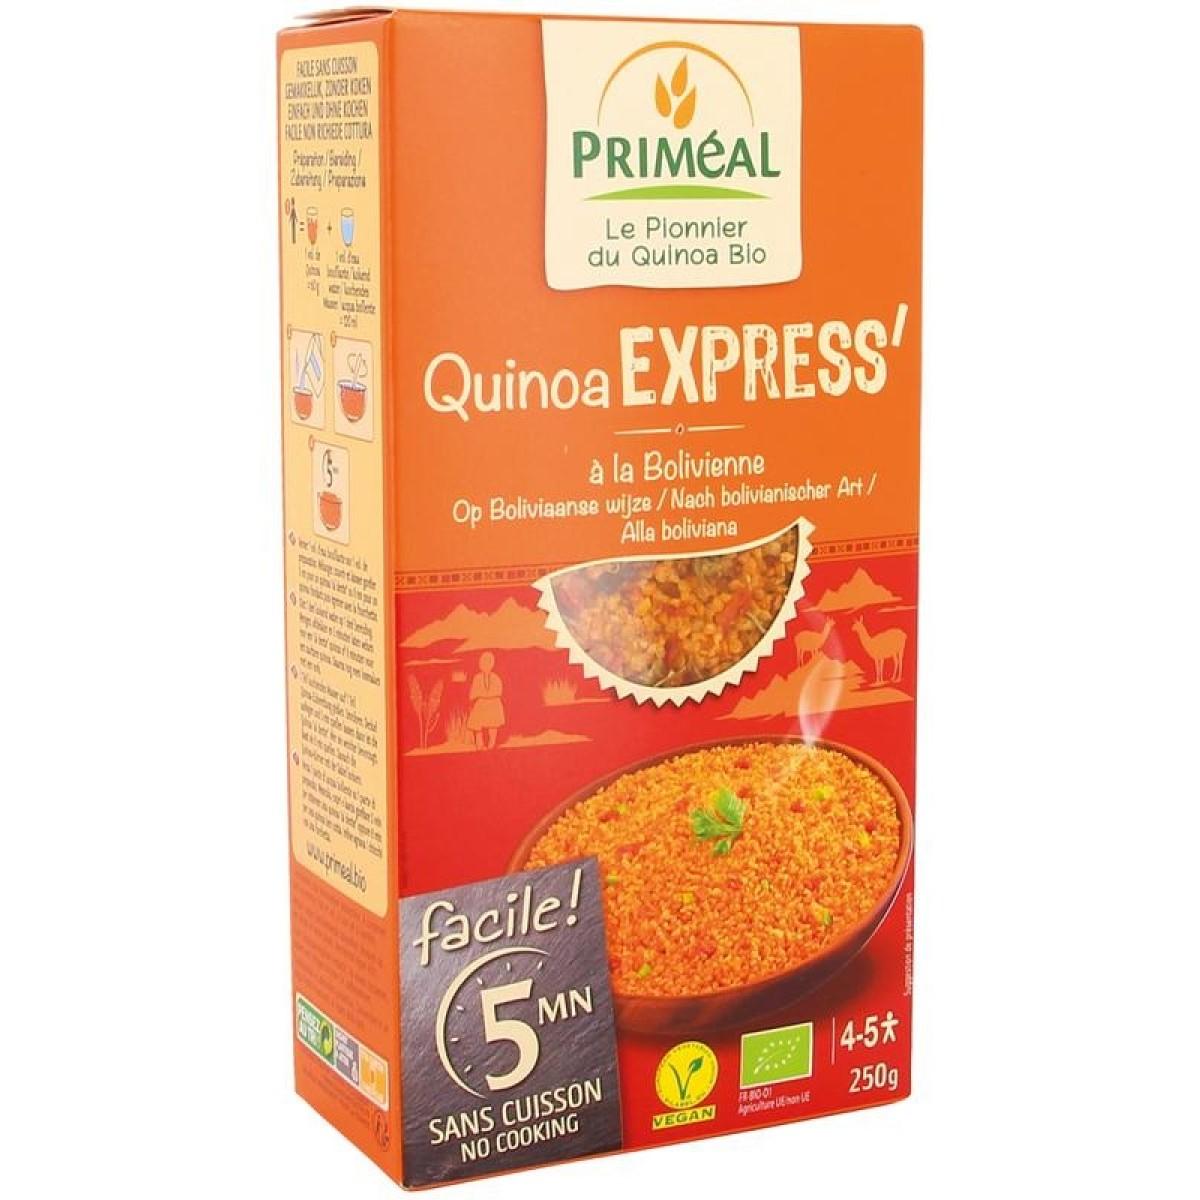 Quinoa Op Boliviaanse Wijze